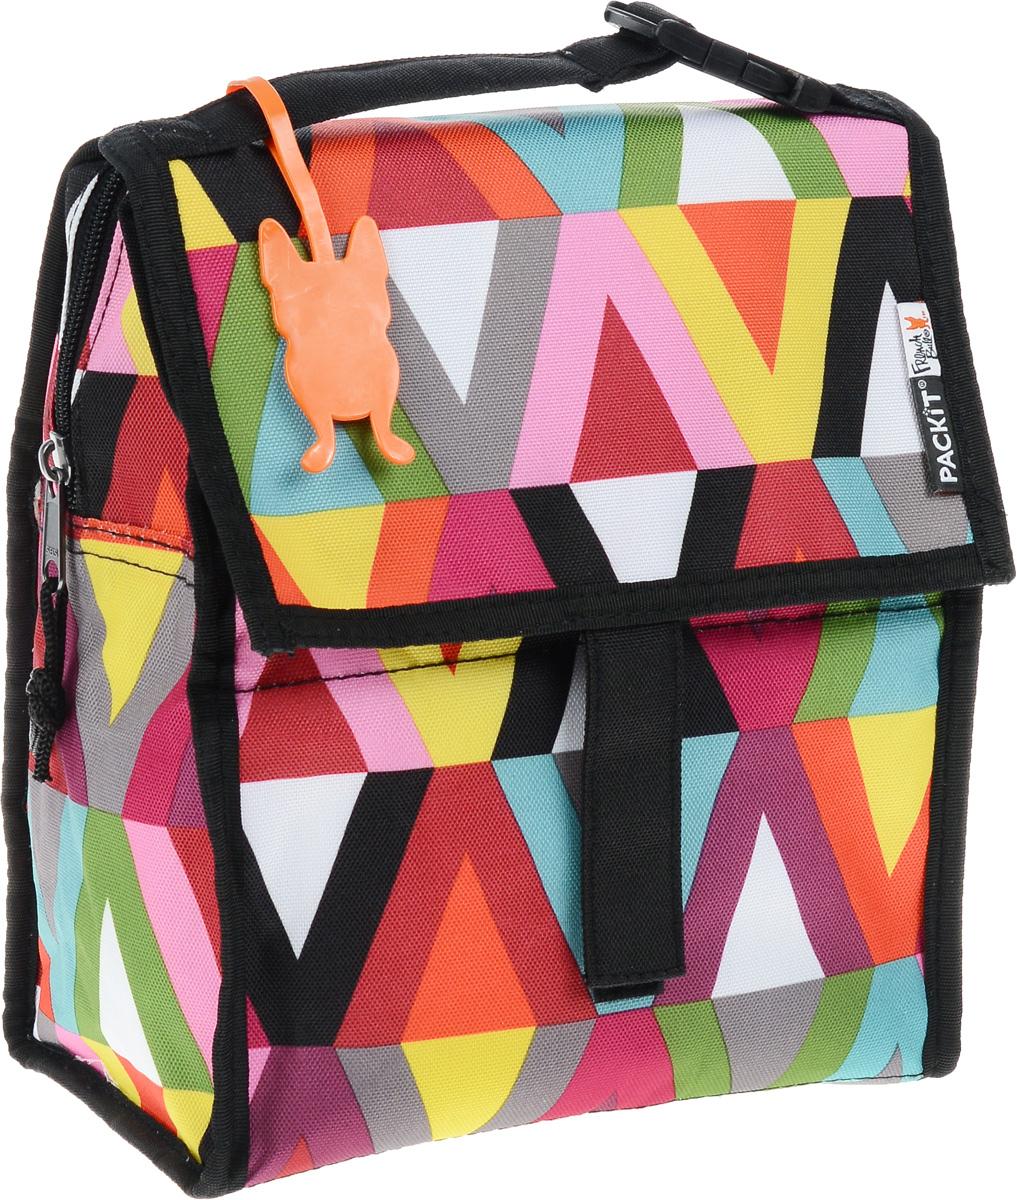 Сумка-холодильник Packit Lunch Bag, складная, цвет: черный, розовый, зеленый, 4,5 л. 0007Packit0007Сумка-холодильник Packit Lunch Bag предназначена для транспортировки и хранения продуктов и напитков. Охлаждает продукты как холодильник. Сумка изготовлена из ПВХ, BPA-Free (без содержания бисфенол А), внутренняя поверхность - из специального термоизоляционного материала, который надежно удерживает холод внутри. Для удобной переноски сумка снабжена ручкой с пластиковой защелкой. Сумка-холодильник закрывается на застежку-молнию, клапаном и фиксируется липучками. Сохраняет температуру до 10 часов. Размер сумки (в разложенном виде): 21 х 13,5 х 24 см. Размер сумки (в сложенном виде): 21 х 6 х 13 см.